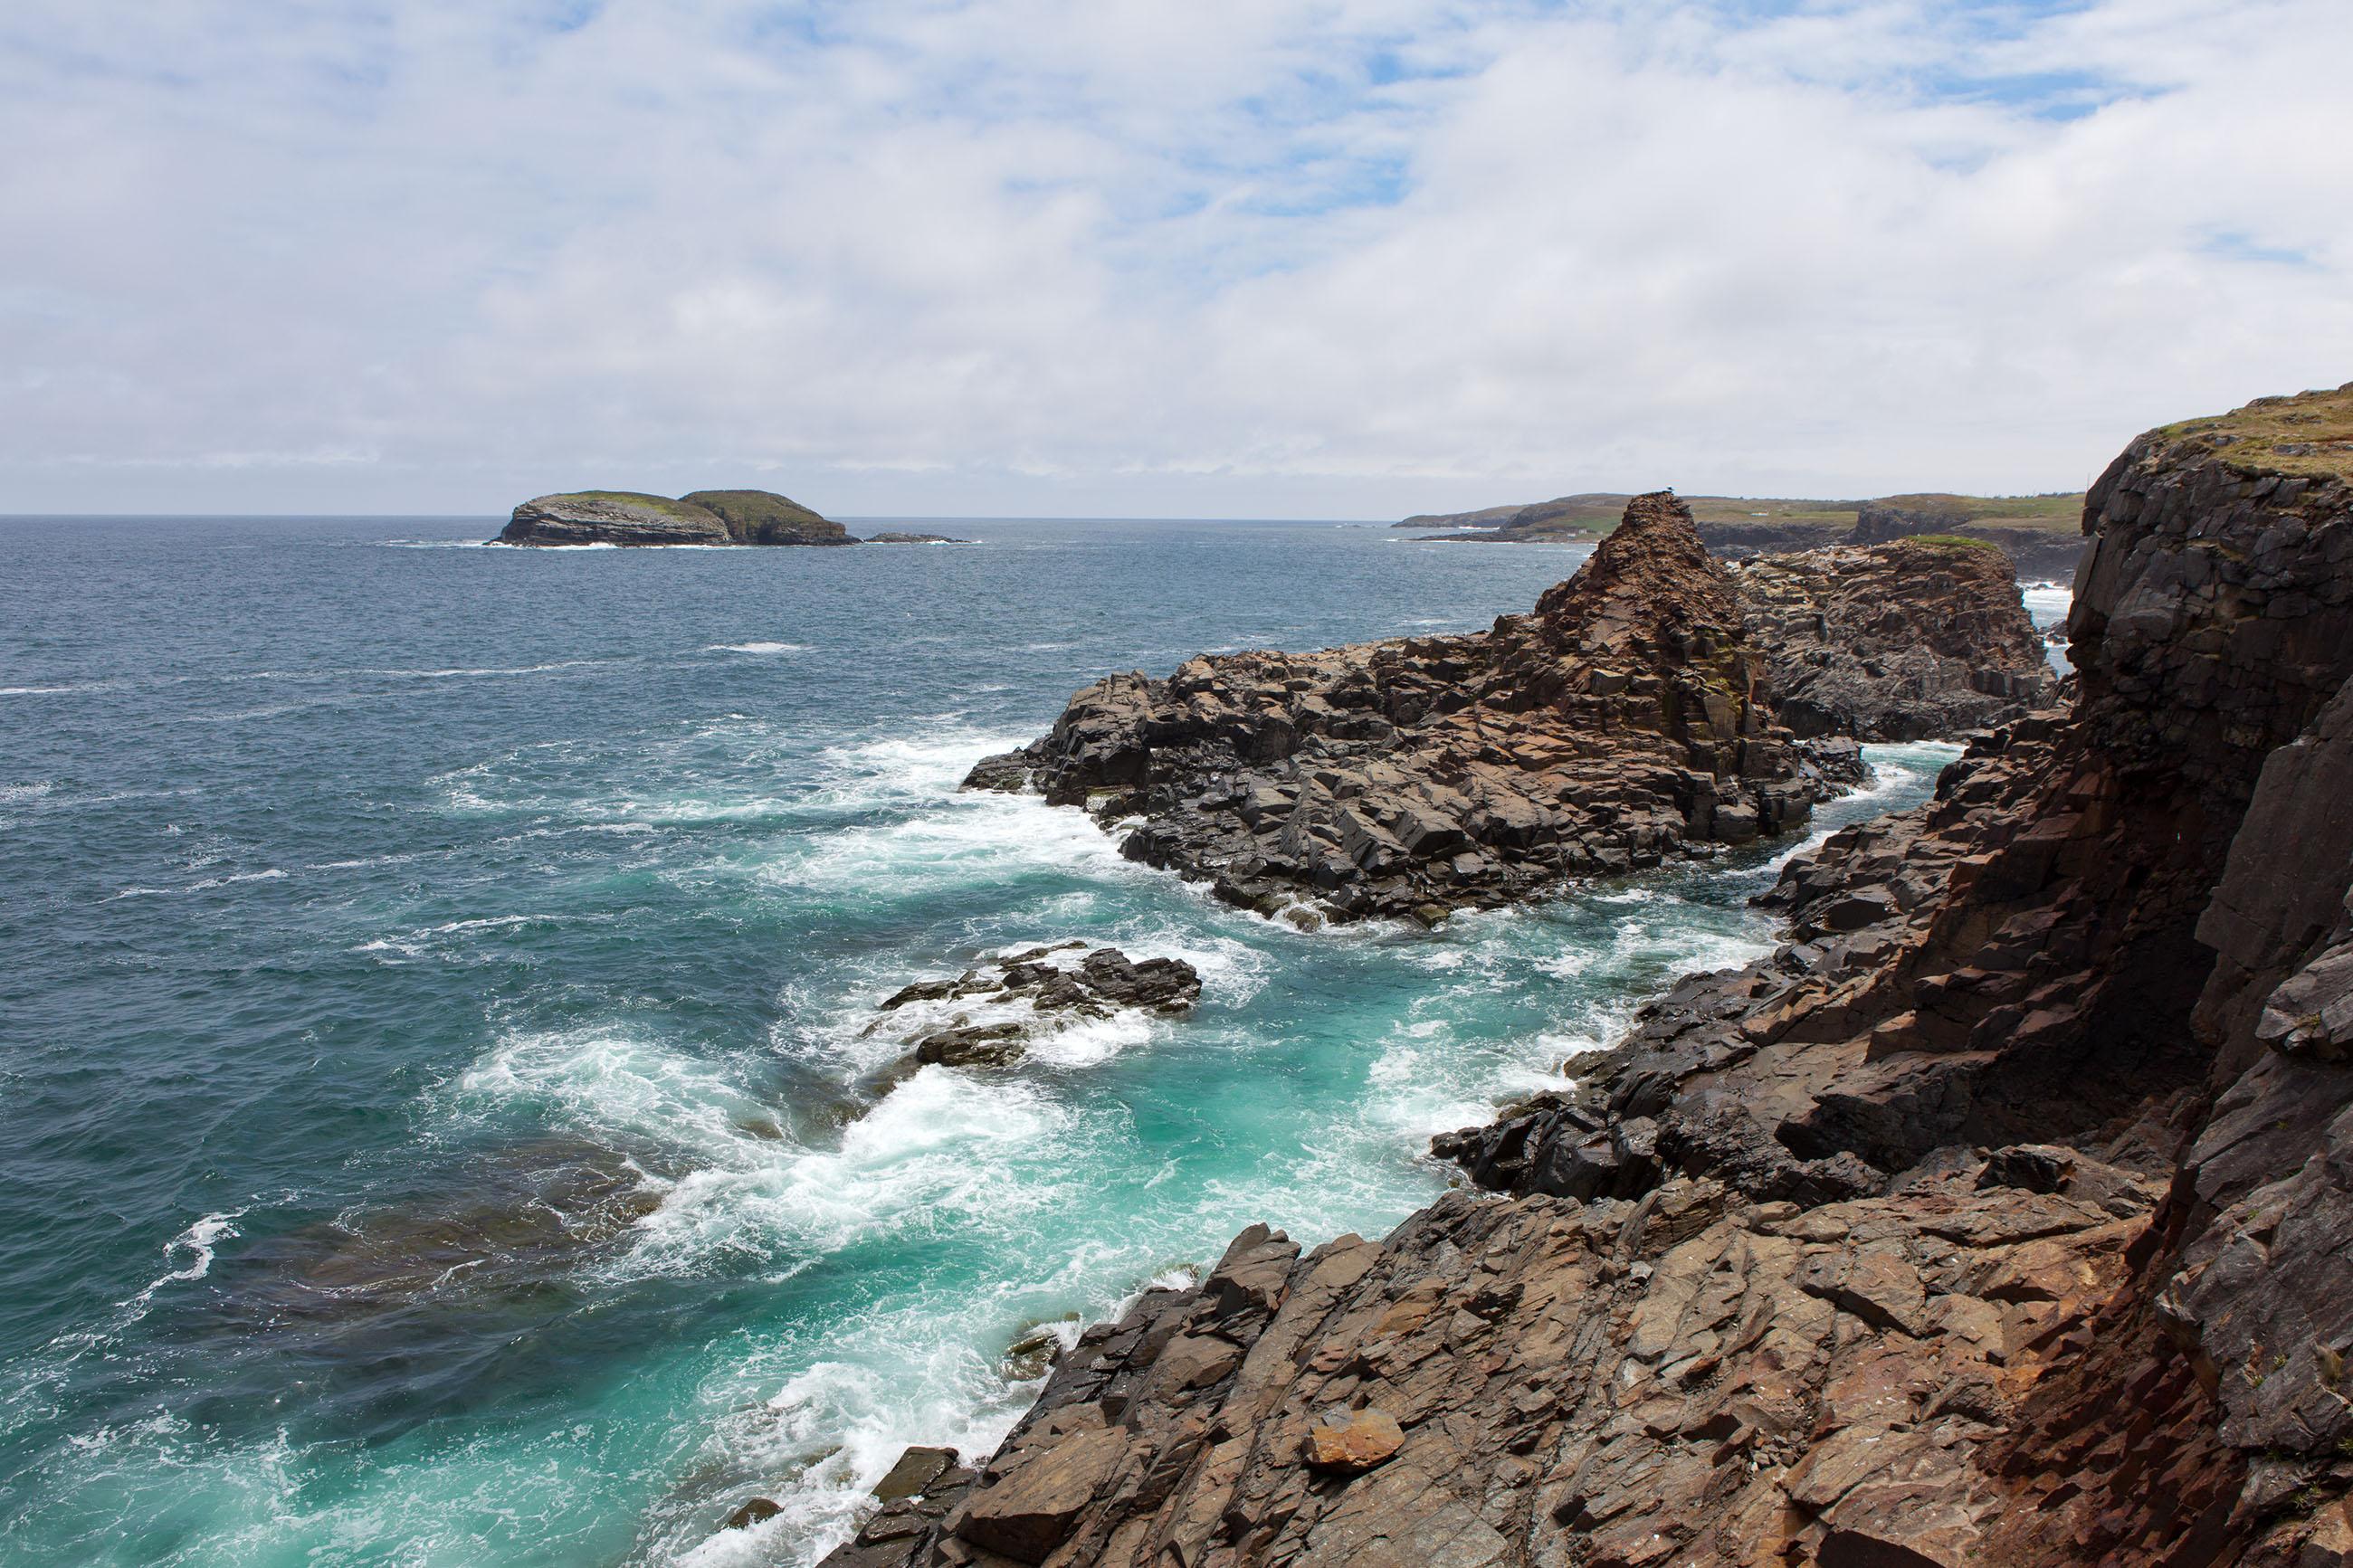 Rocky Coastline, Atlanticocean, Sea, Remote, Rock, HQ Photo